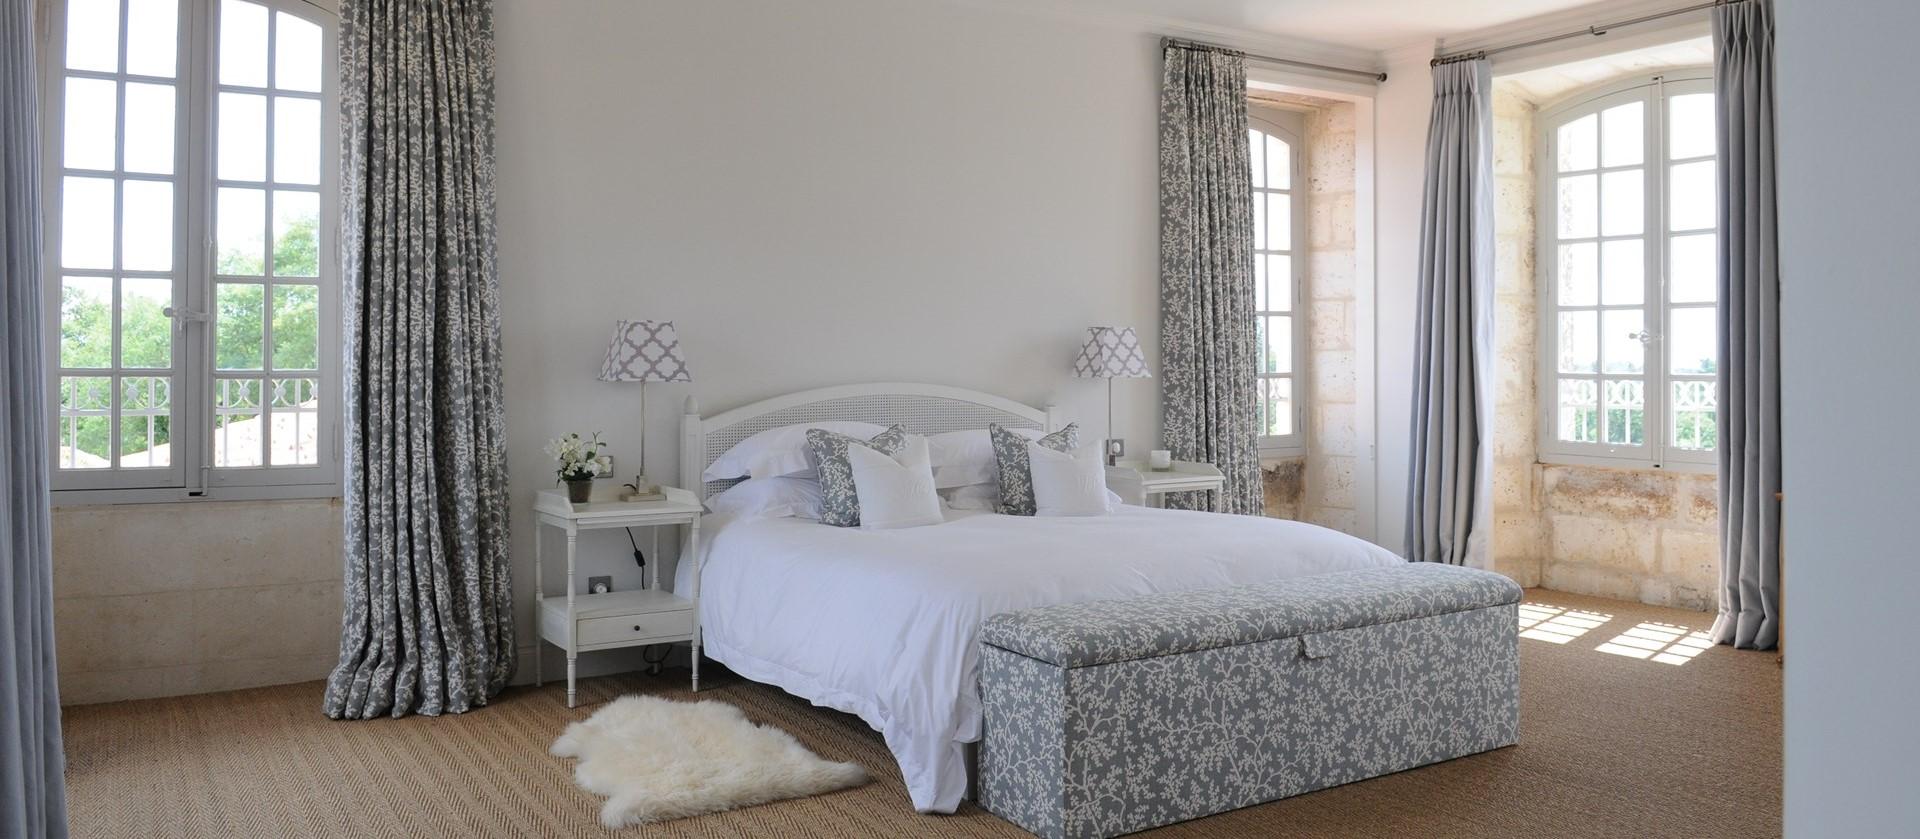 villa-domaine-de-bagatelle-double-bedroo